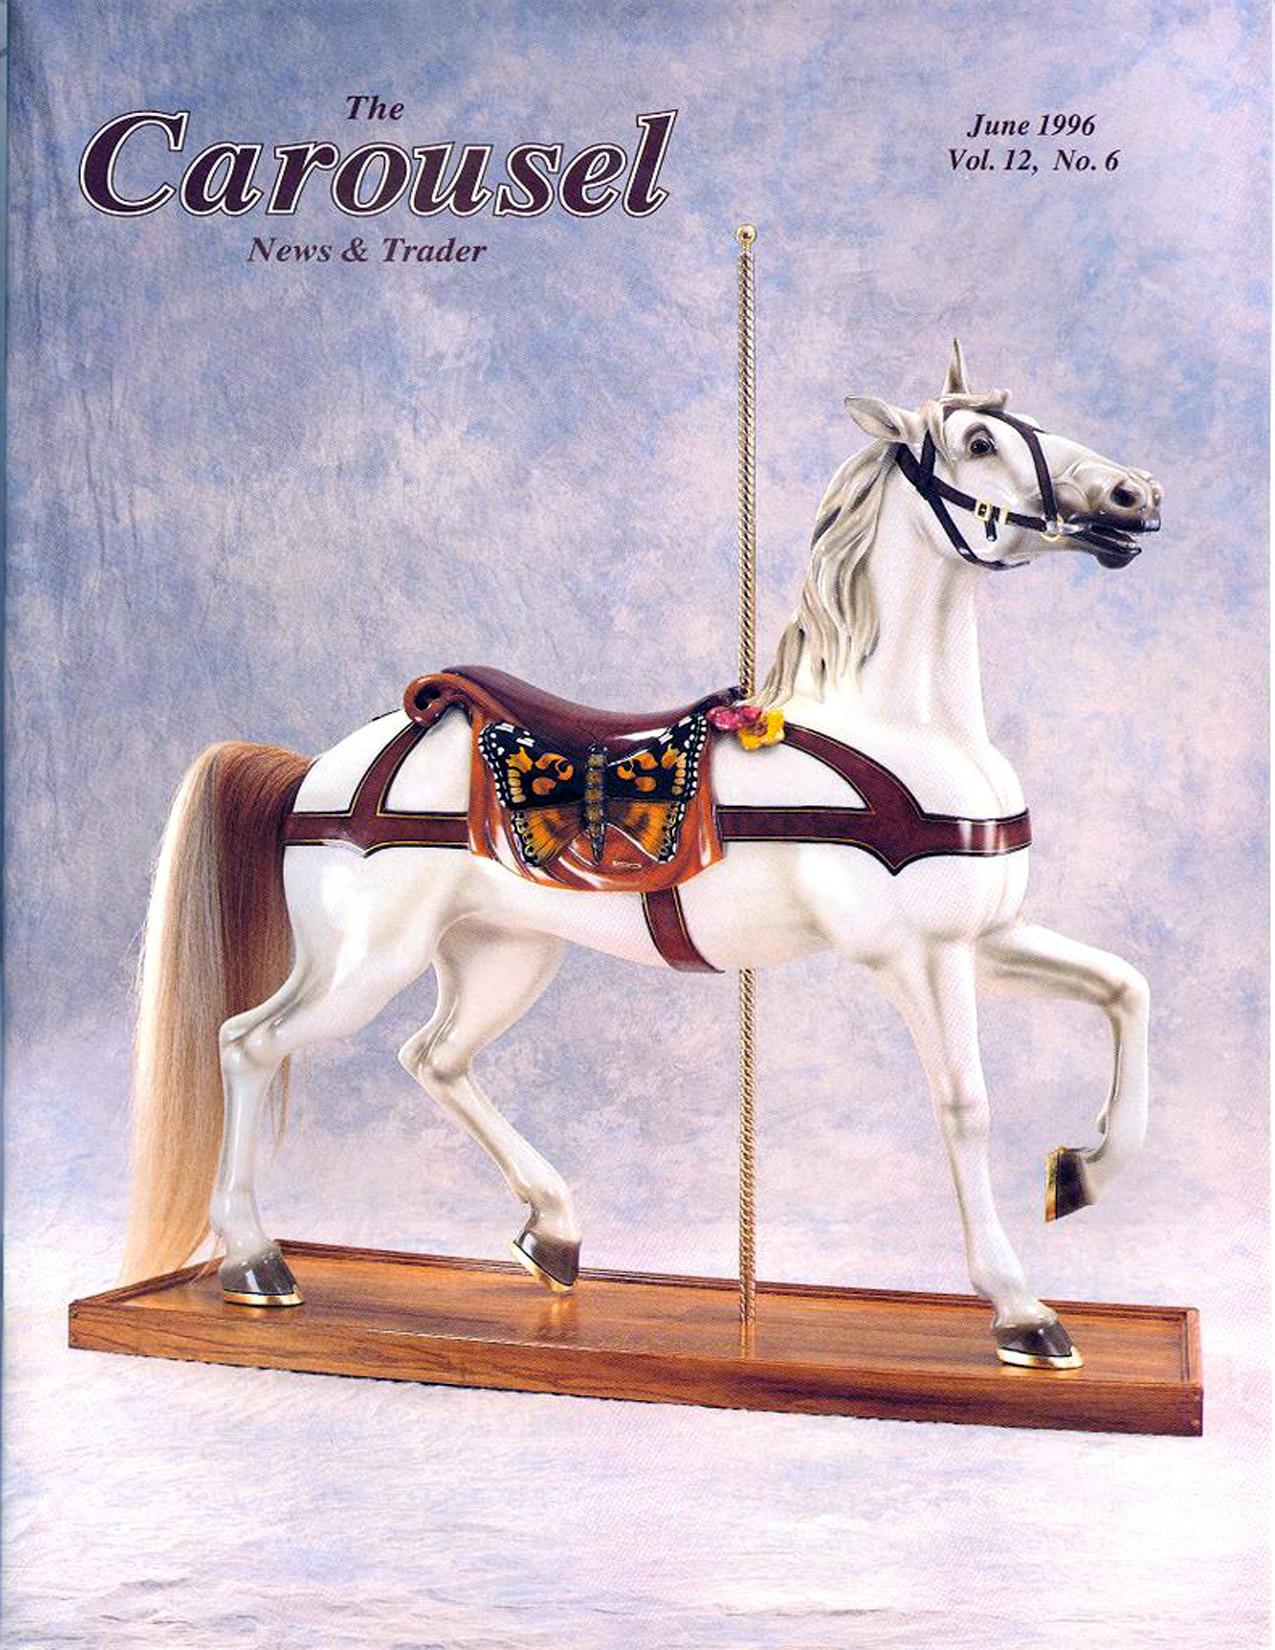 cnt_06_1996-rare-butterfly-Dentzel-listener-carousel-horse